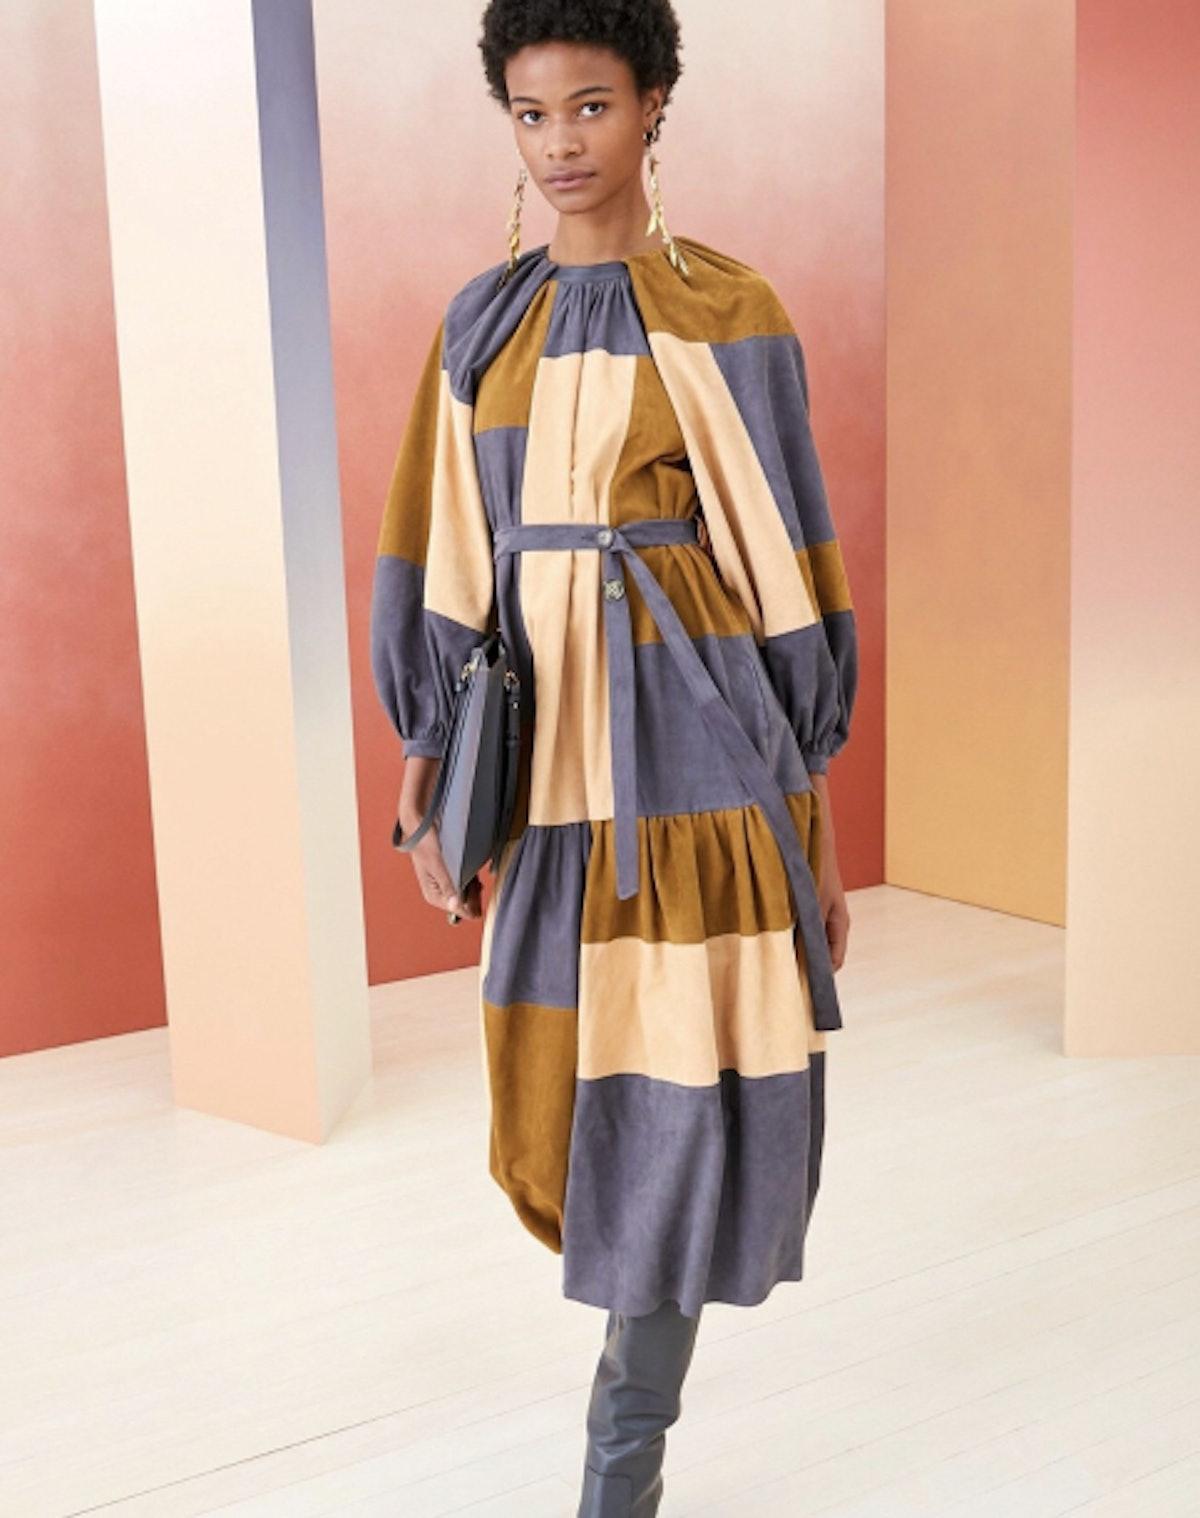 Bernadine Dress